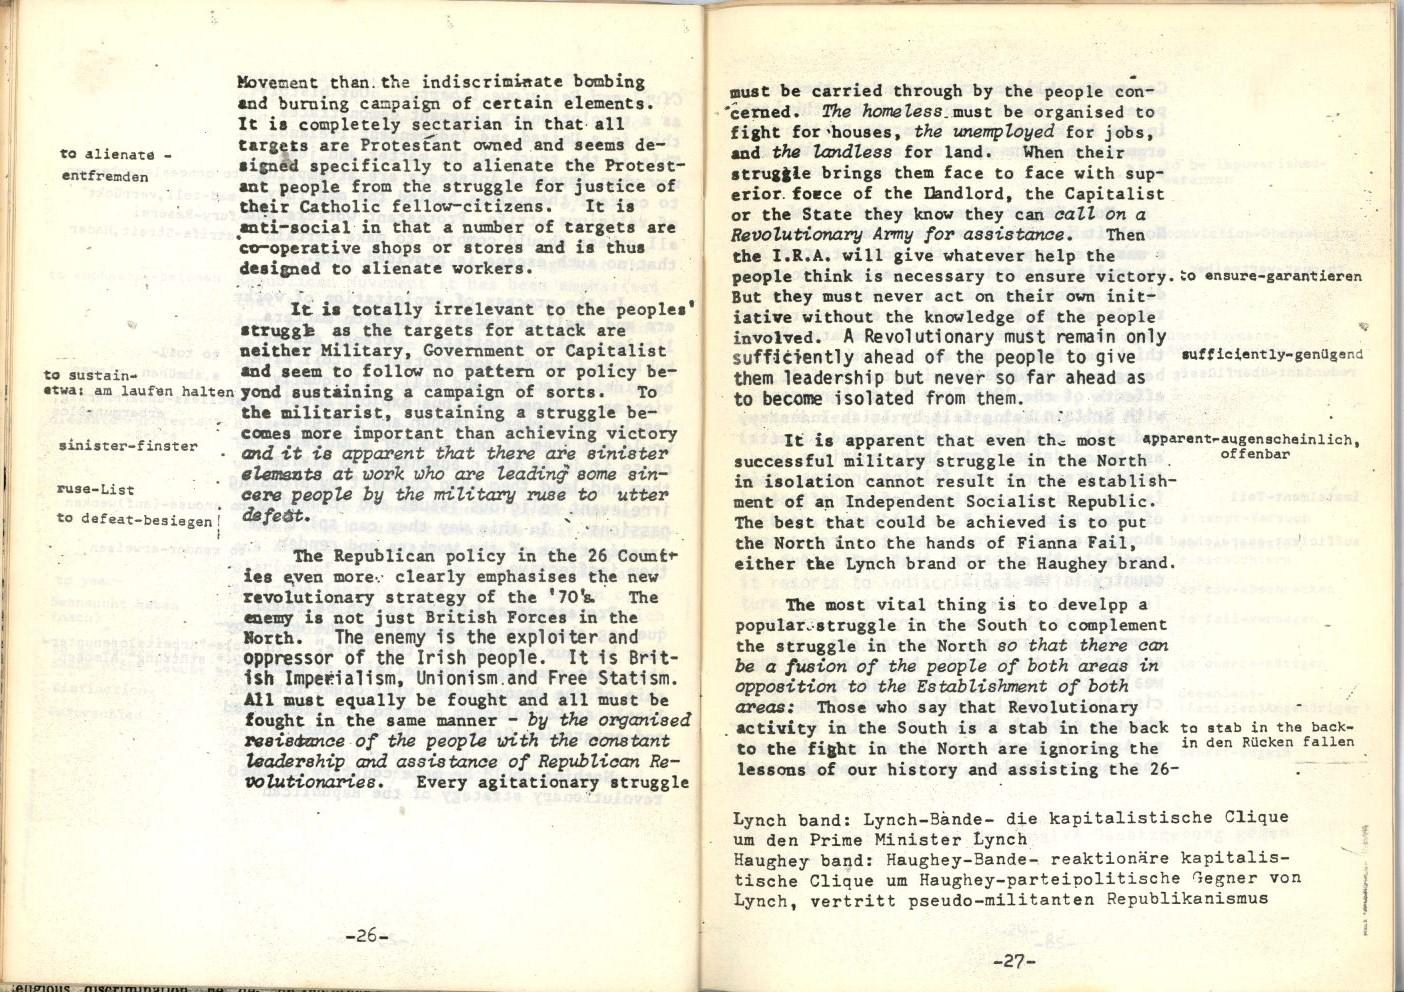 Berlin_Druckcooperative_1972_IRA_speaks_16